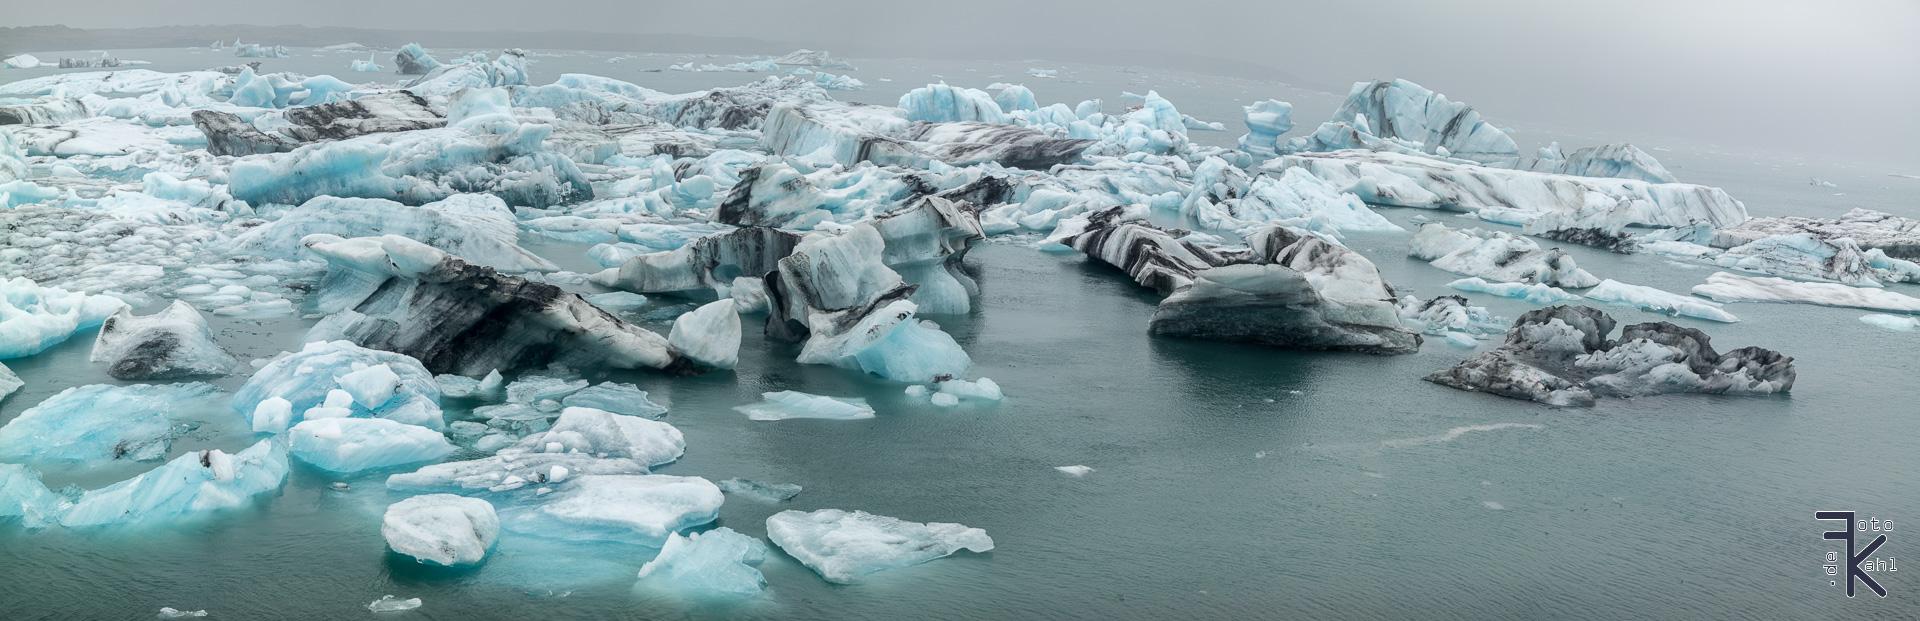 Island - Gletschersee Jökulsárlón